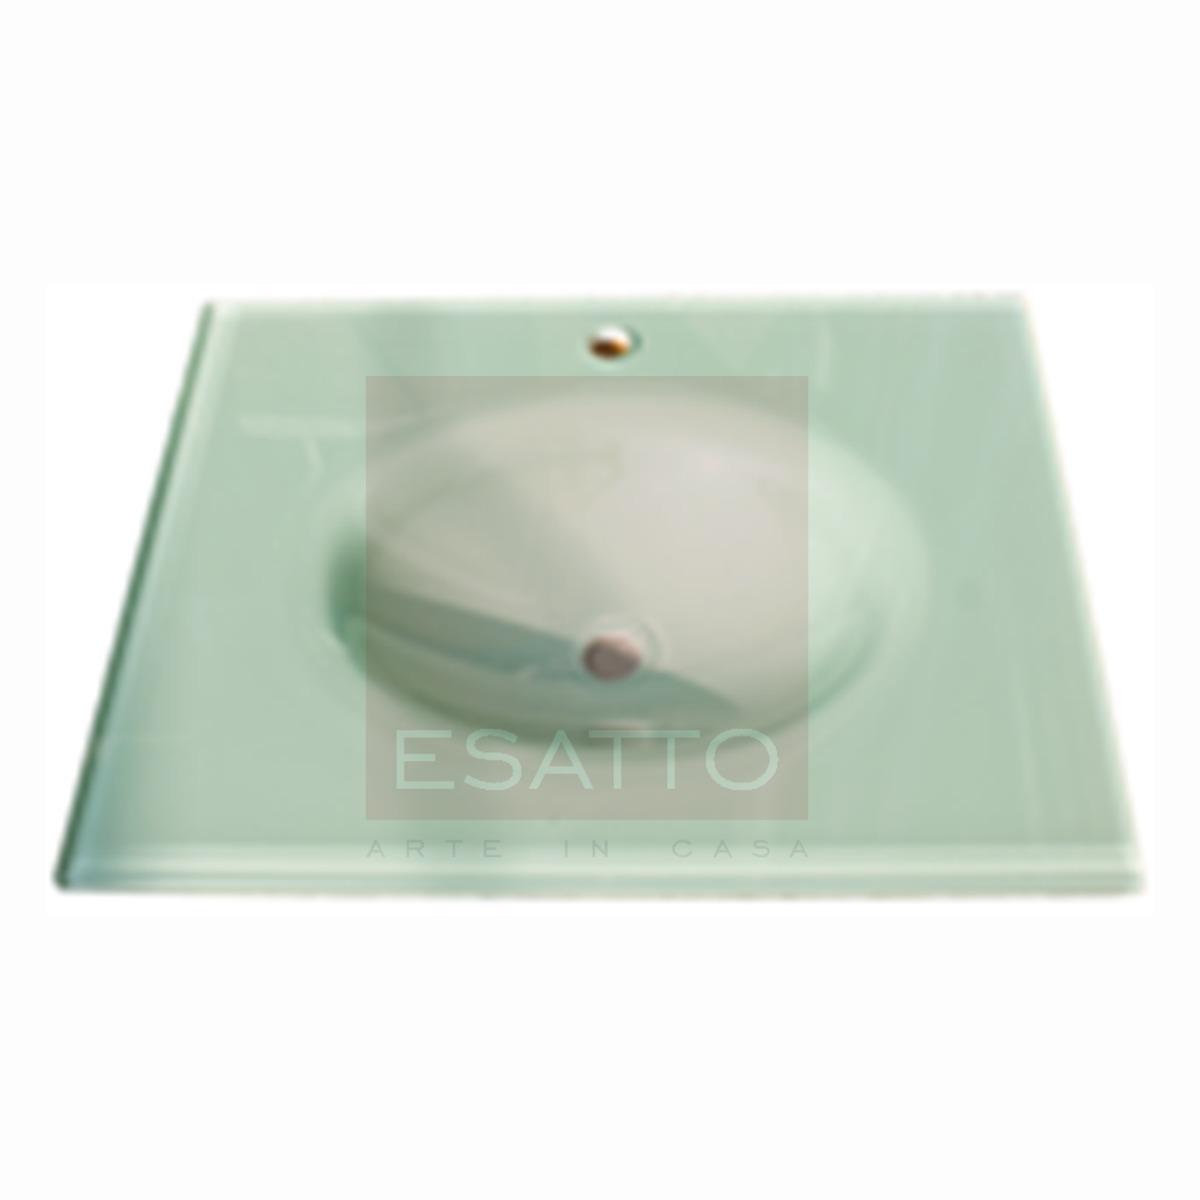 Esatto lavabo de vidrio blanco importado fino ov 003 mn4 1 en mercadolibre - Lavabo de vidrio ...